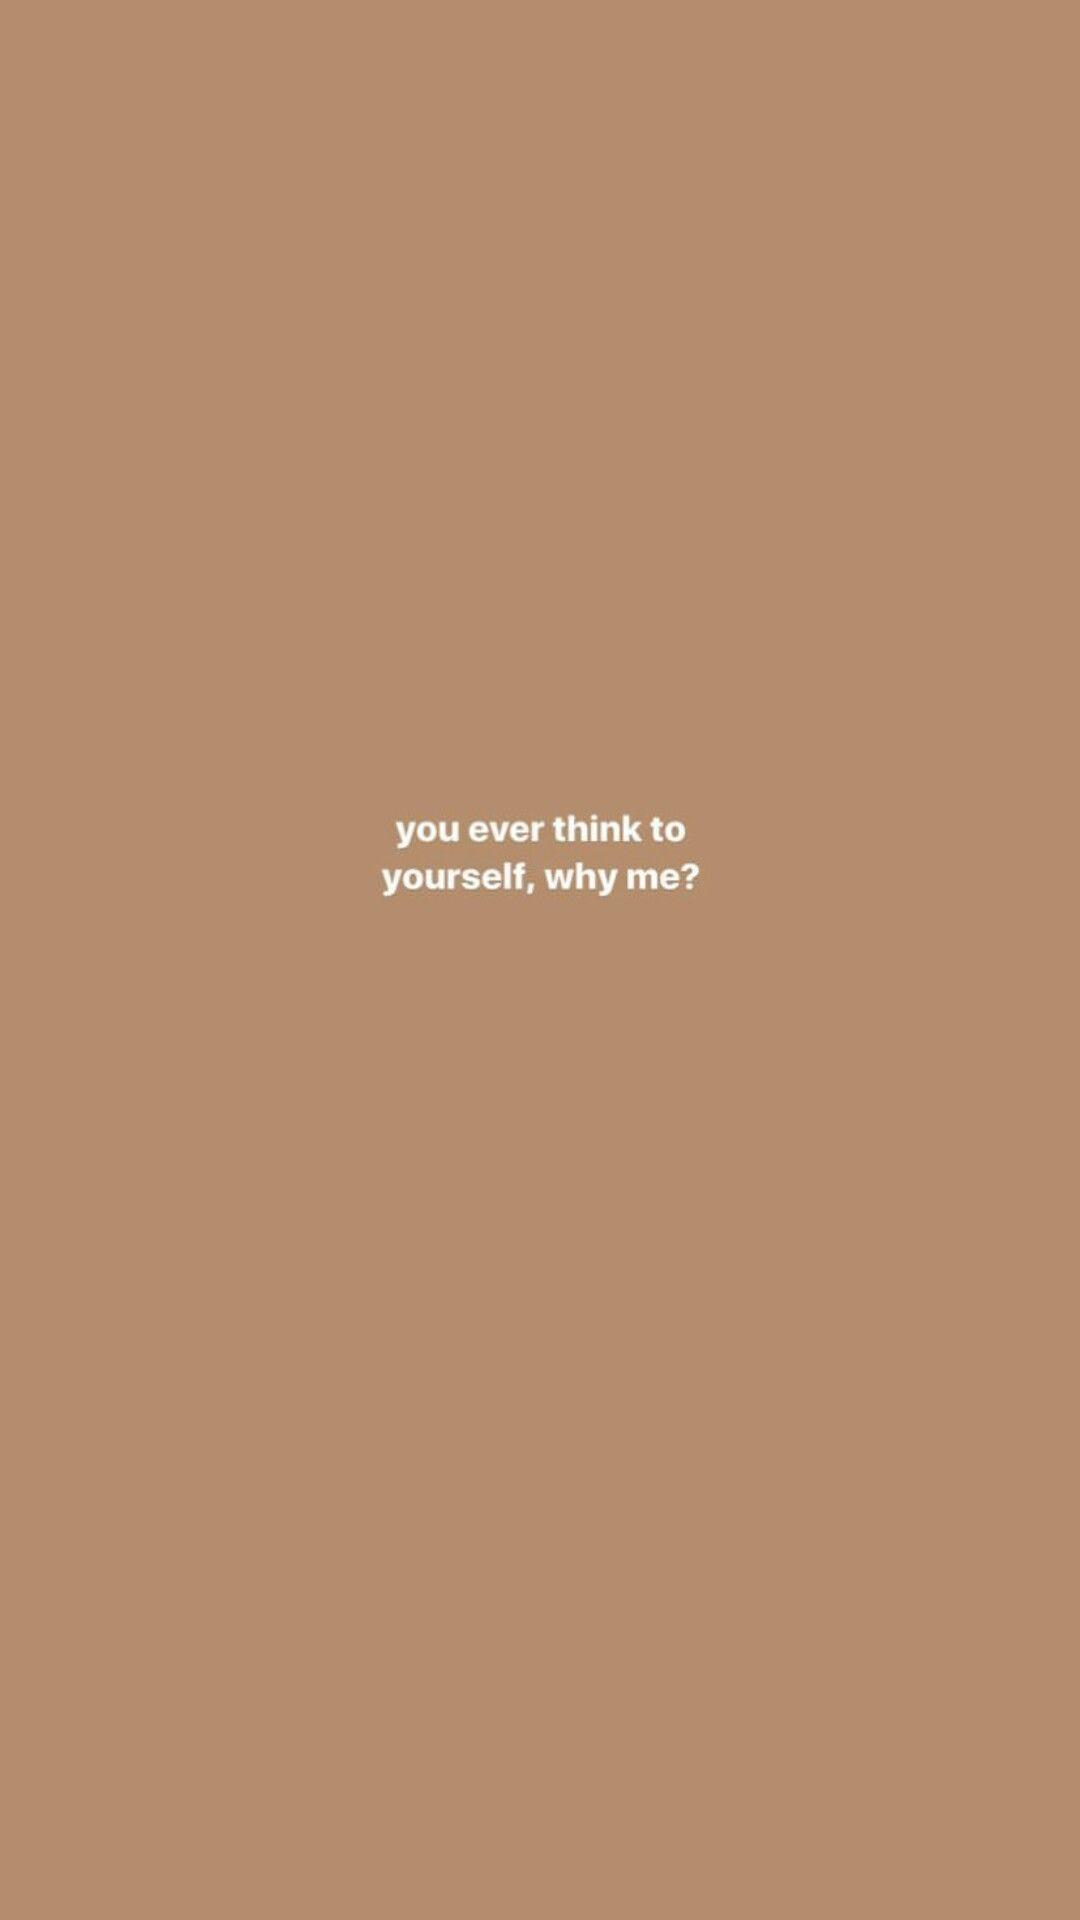 #wallpaper #lockscreen #tumblr | Wallpaper quotes ...